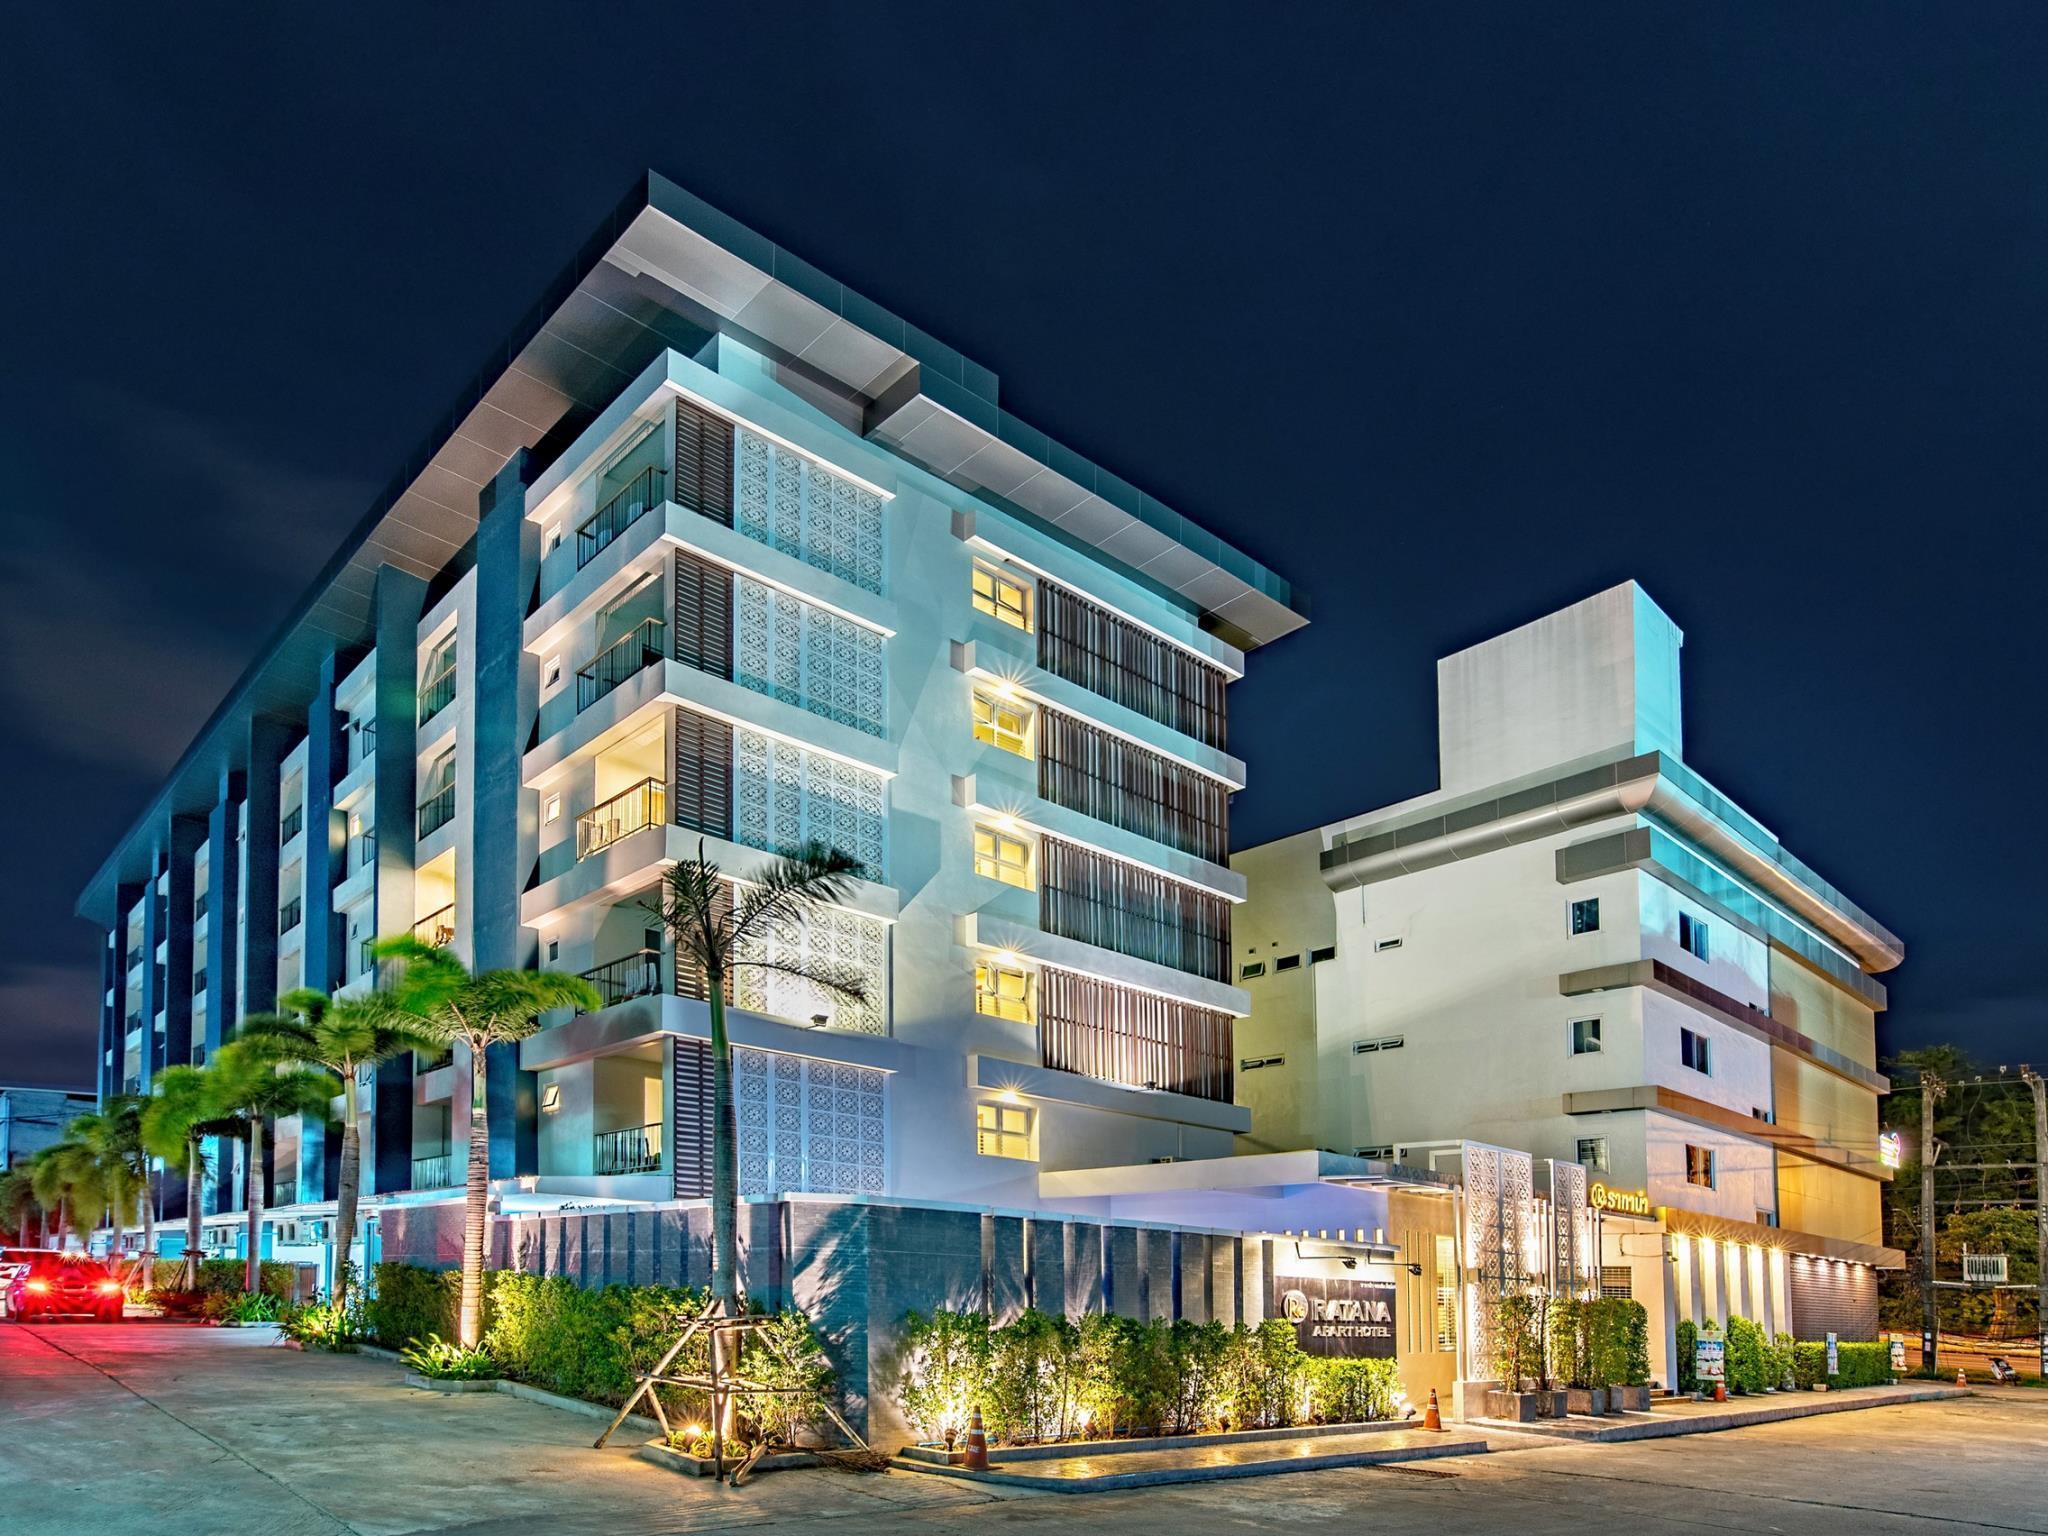 Ratana Apart Hotel @ Rassada ราทาน่า อพาร์ตโฮเต็ล แอต รัษฎา